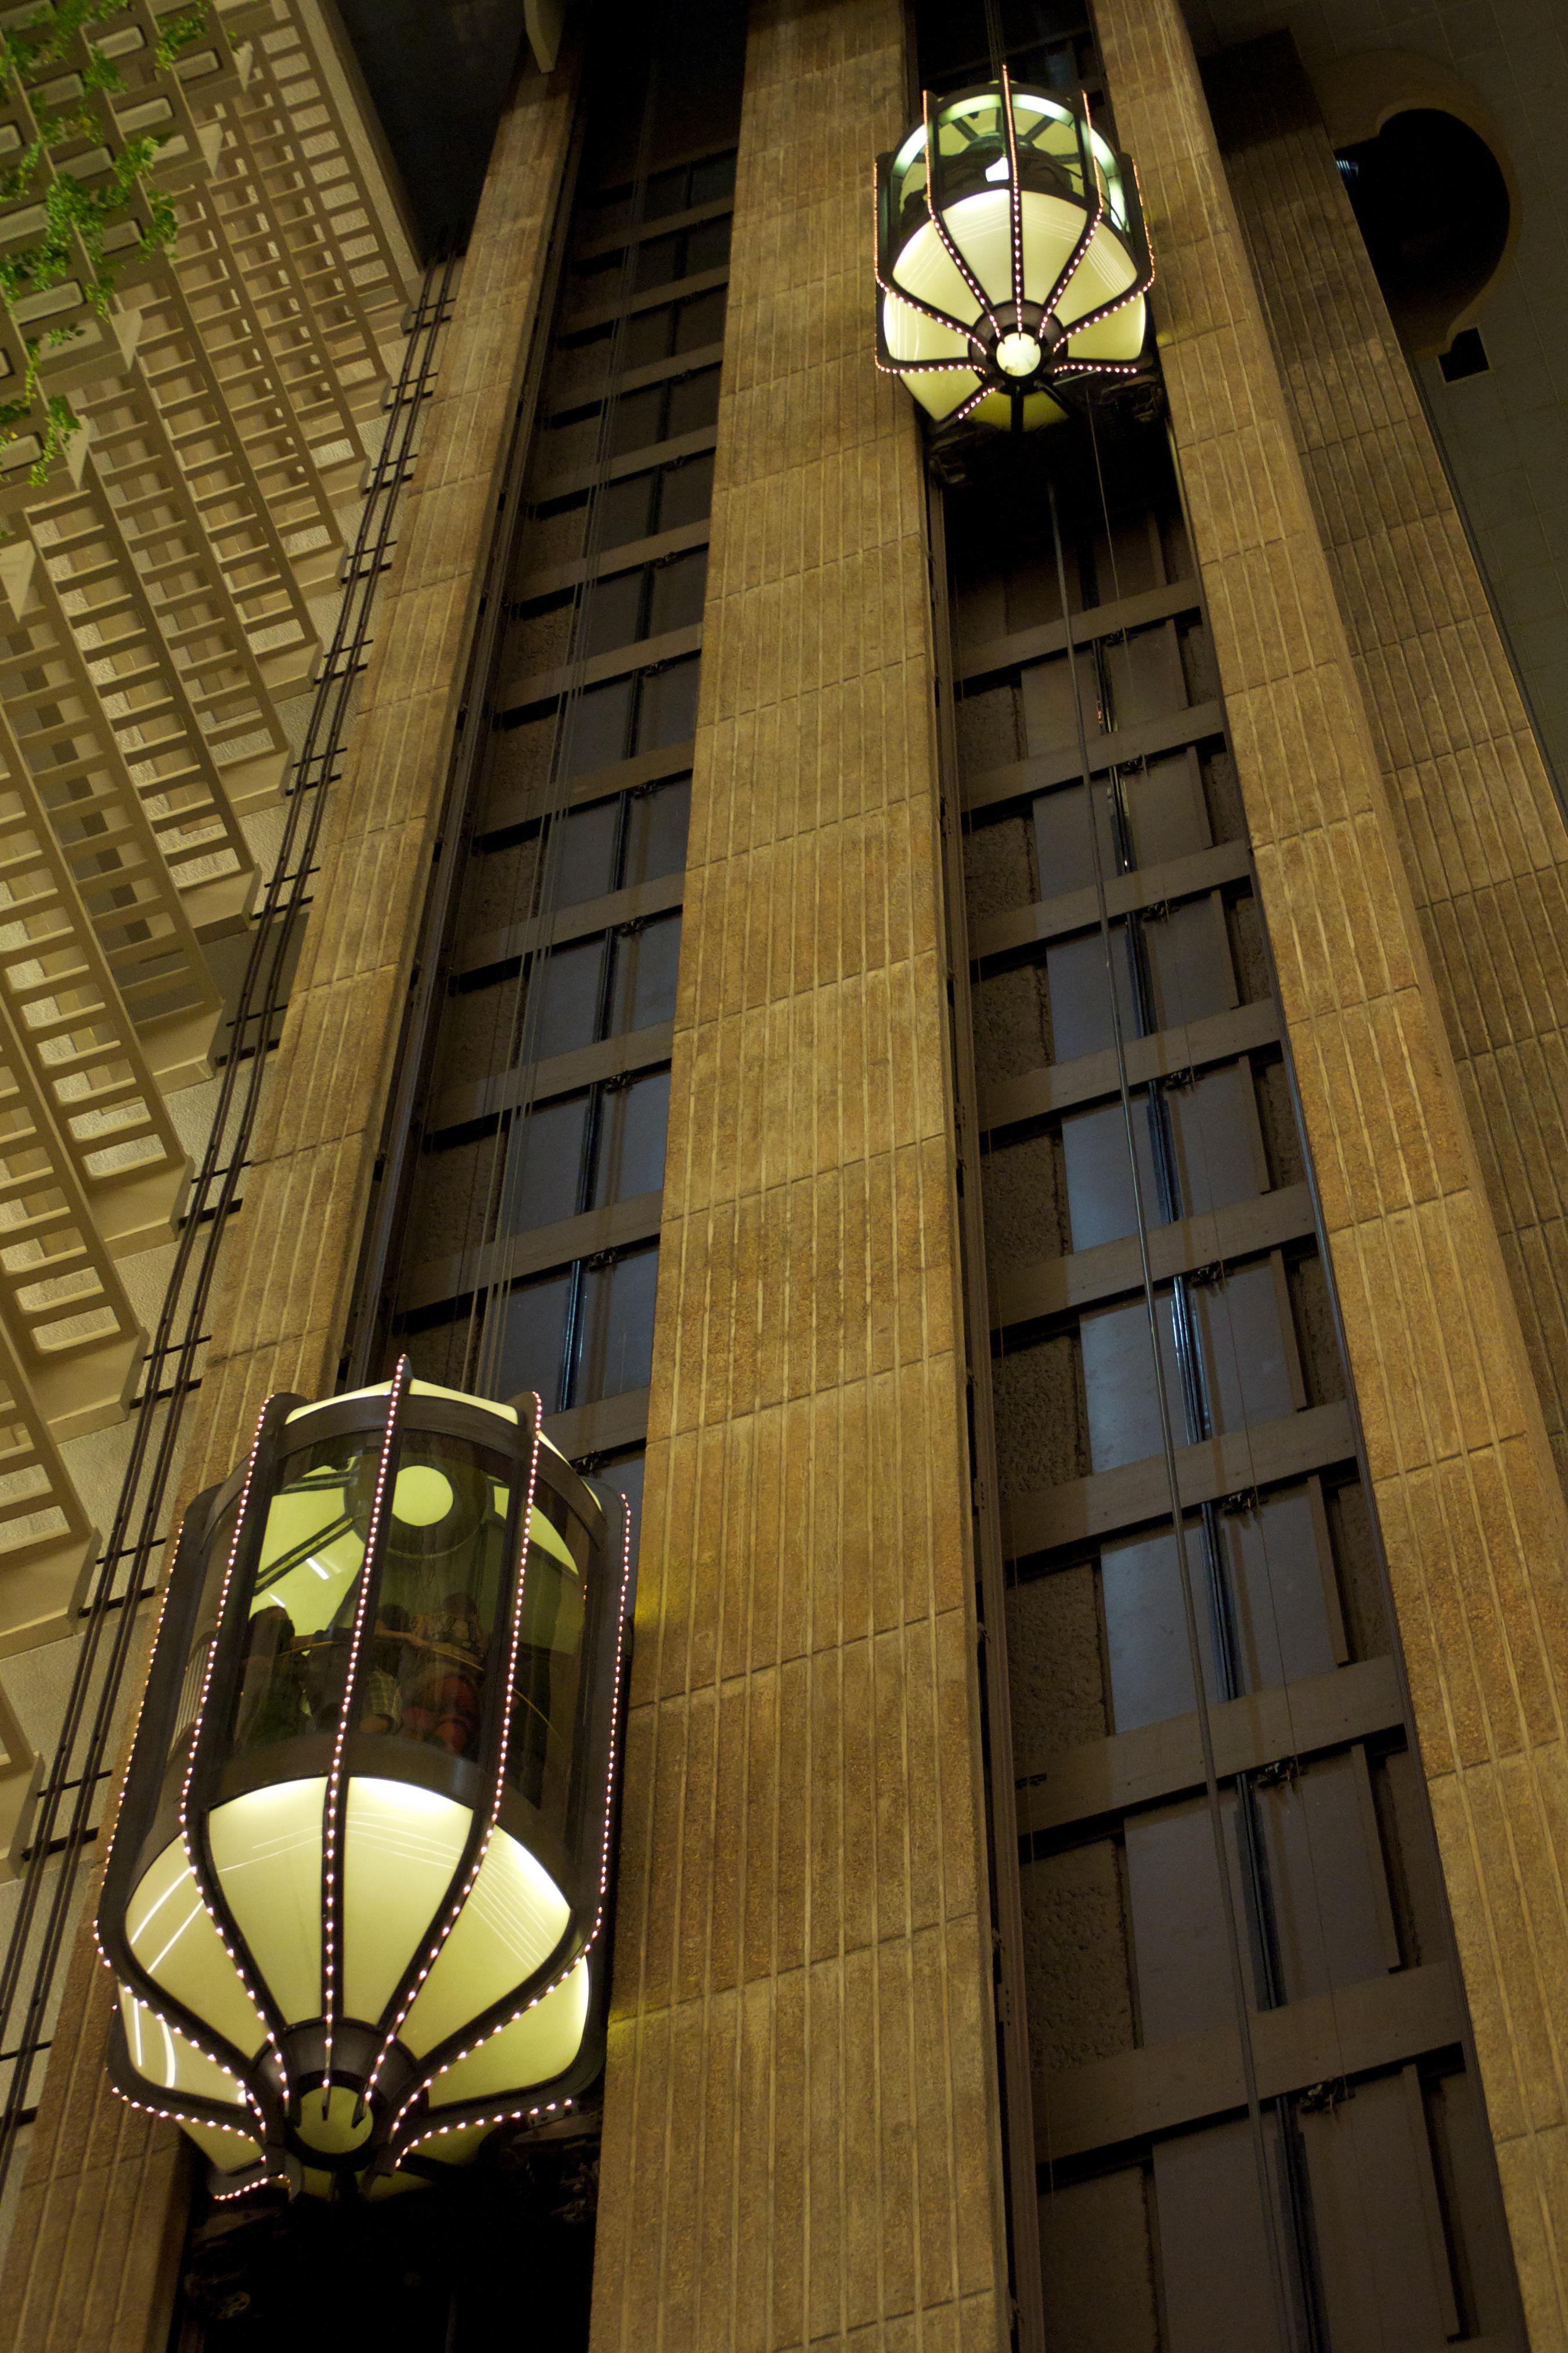 Http Sanfrancisco Regency Hyatt Com En Hotel Dining Eclipse Kitchen And Bar Html